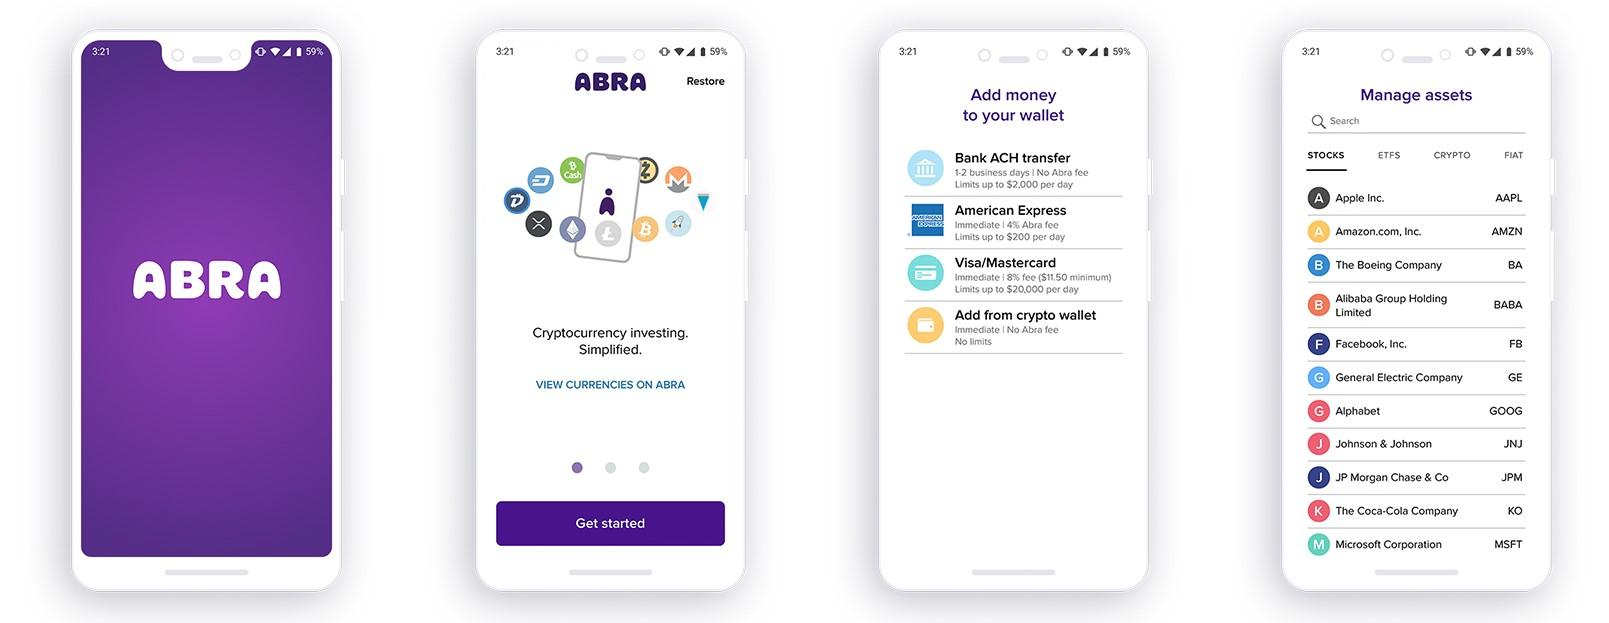 Comó comprar acciones con Bitcoin en Abra